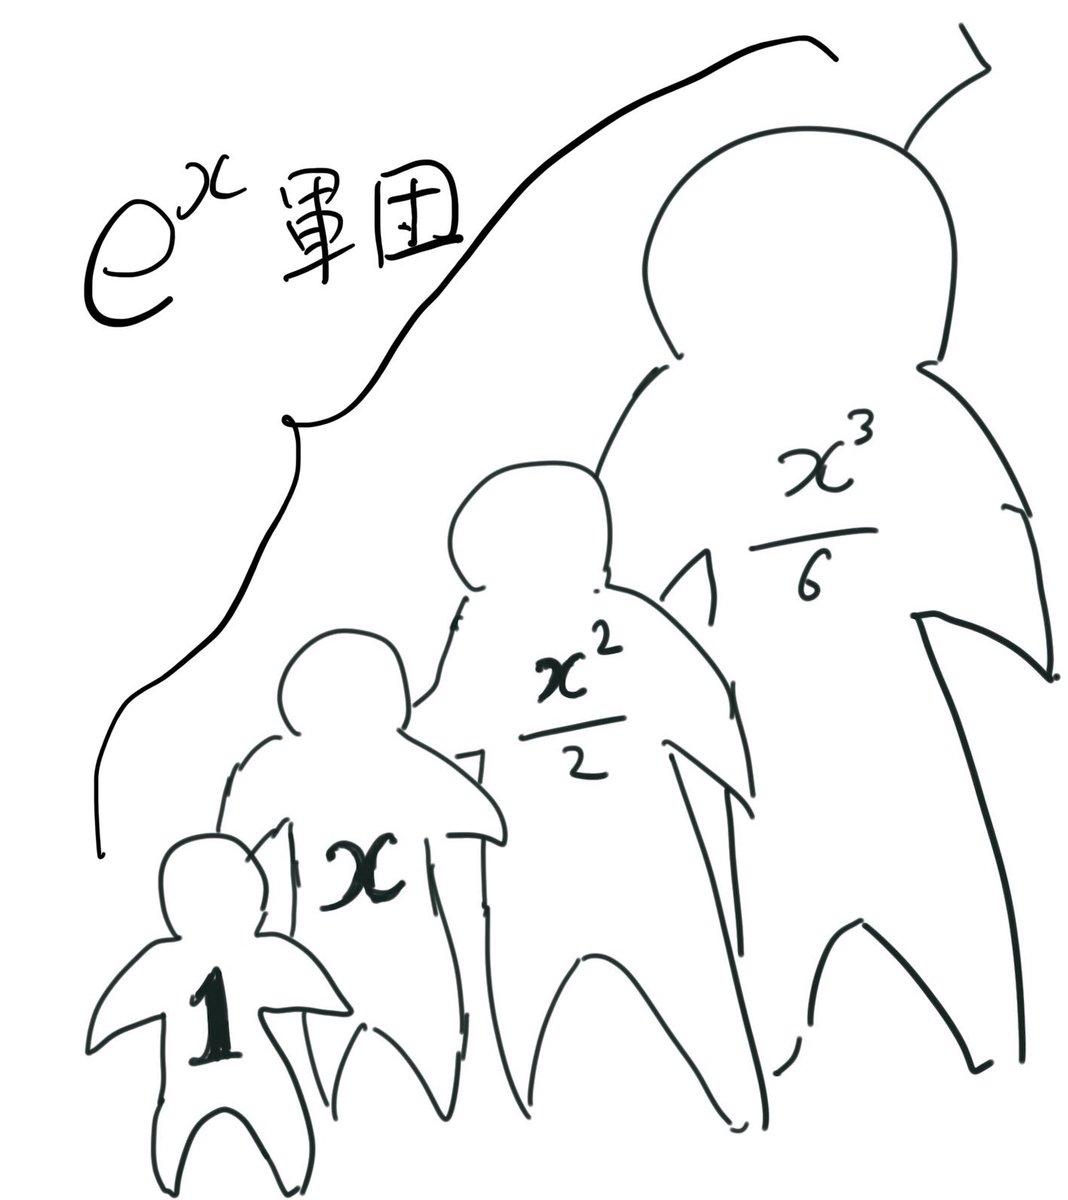 微分しても微分しても変わらない exp(x)って、こんなイメージだよね。